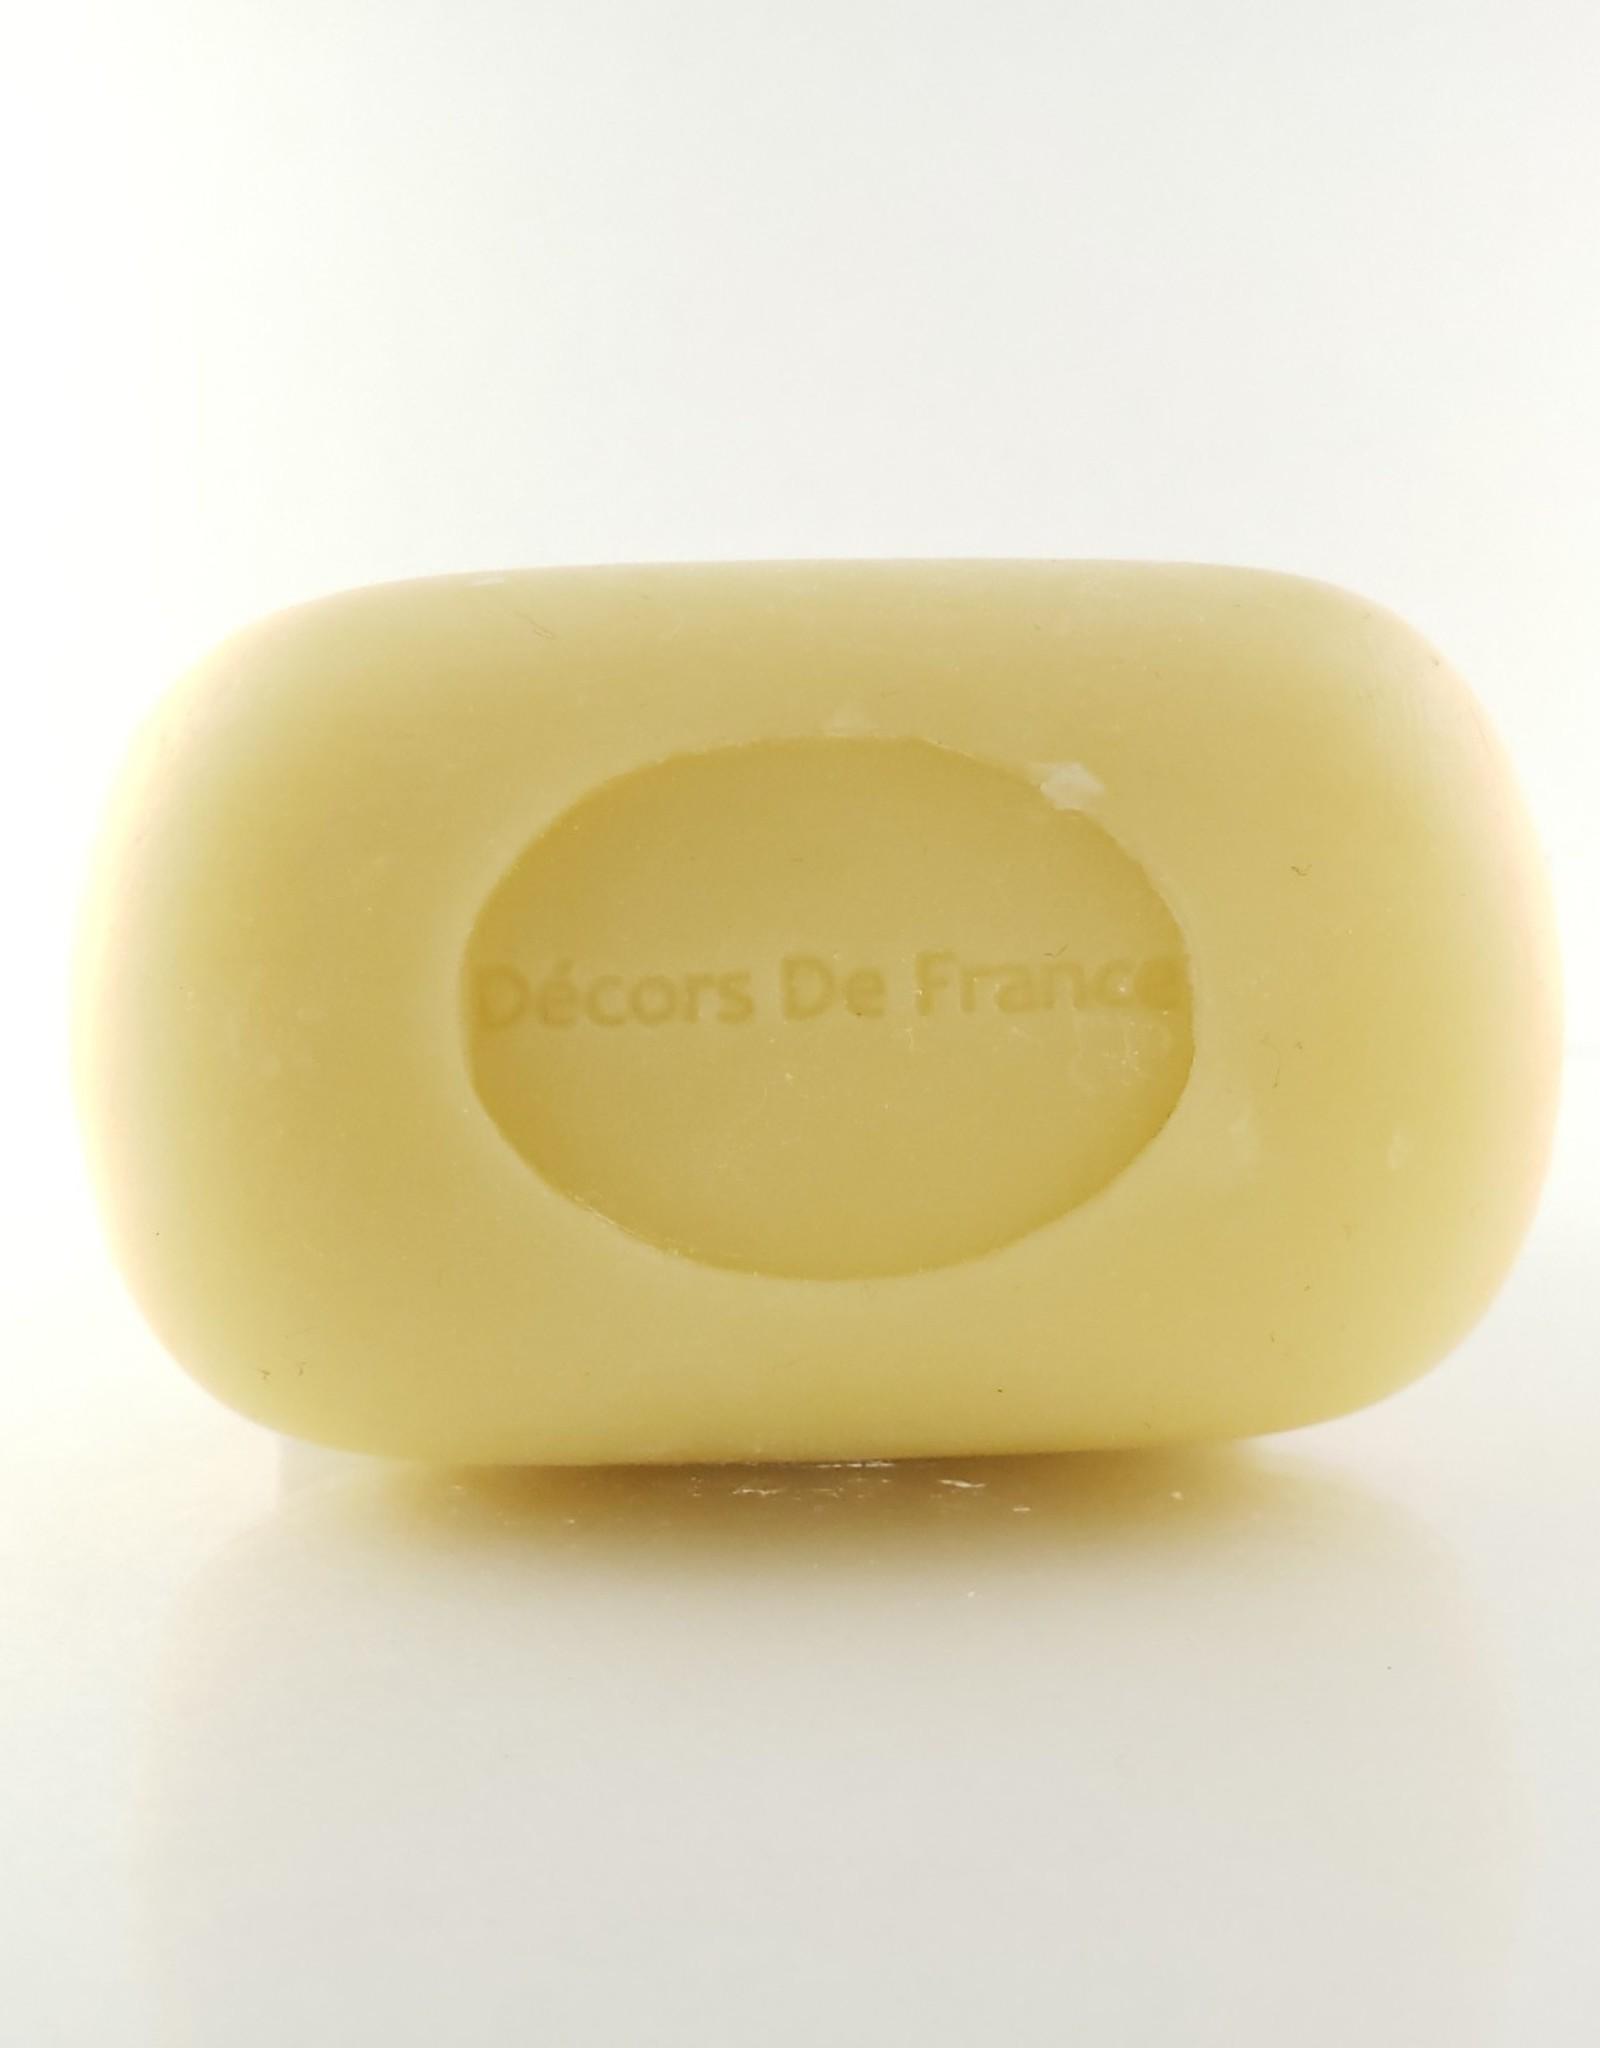 Lemongrass 100g Curved Soap